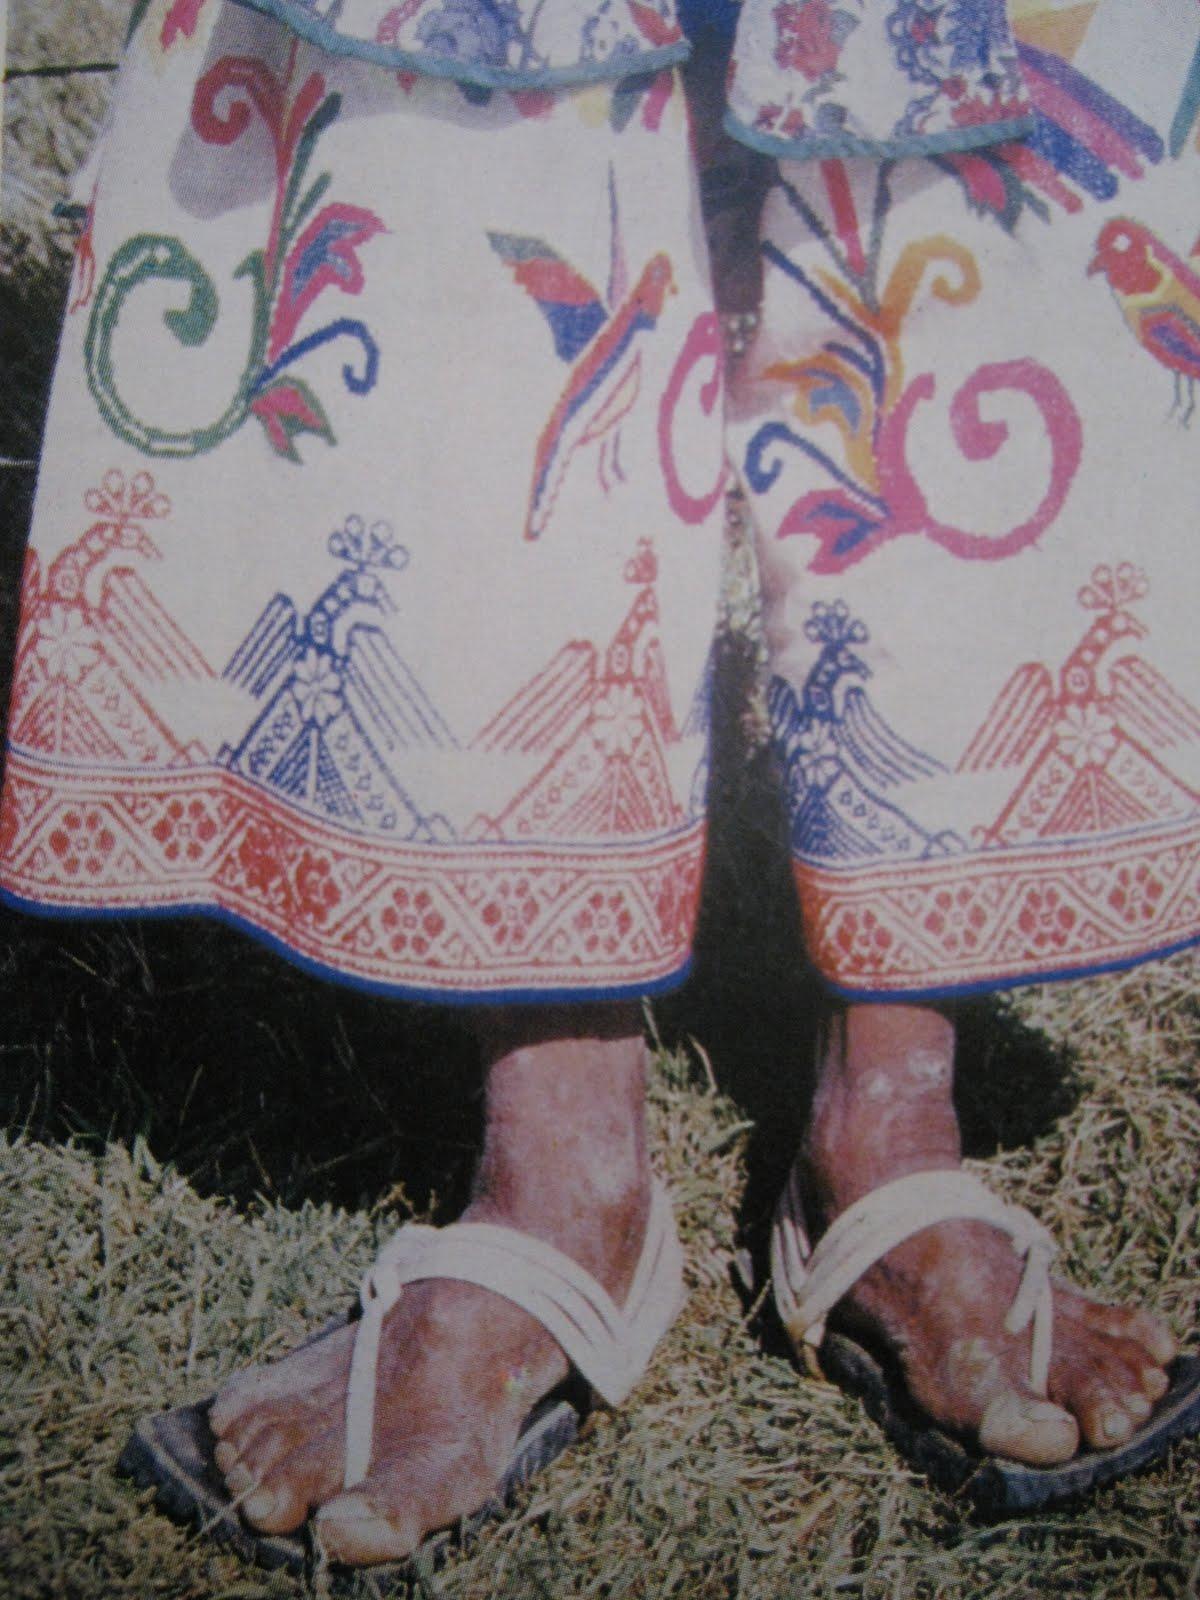 http://1.bp.blogspot.com/_Zzz5_Kr_bL4/TA76xzgpzuI/AAAAAAAAAok/BMy6OaNK-xI/s1600/HuaracheSandals.jpg